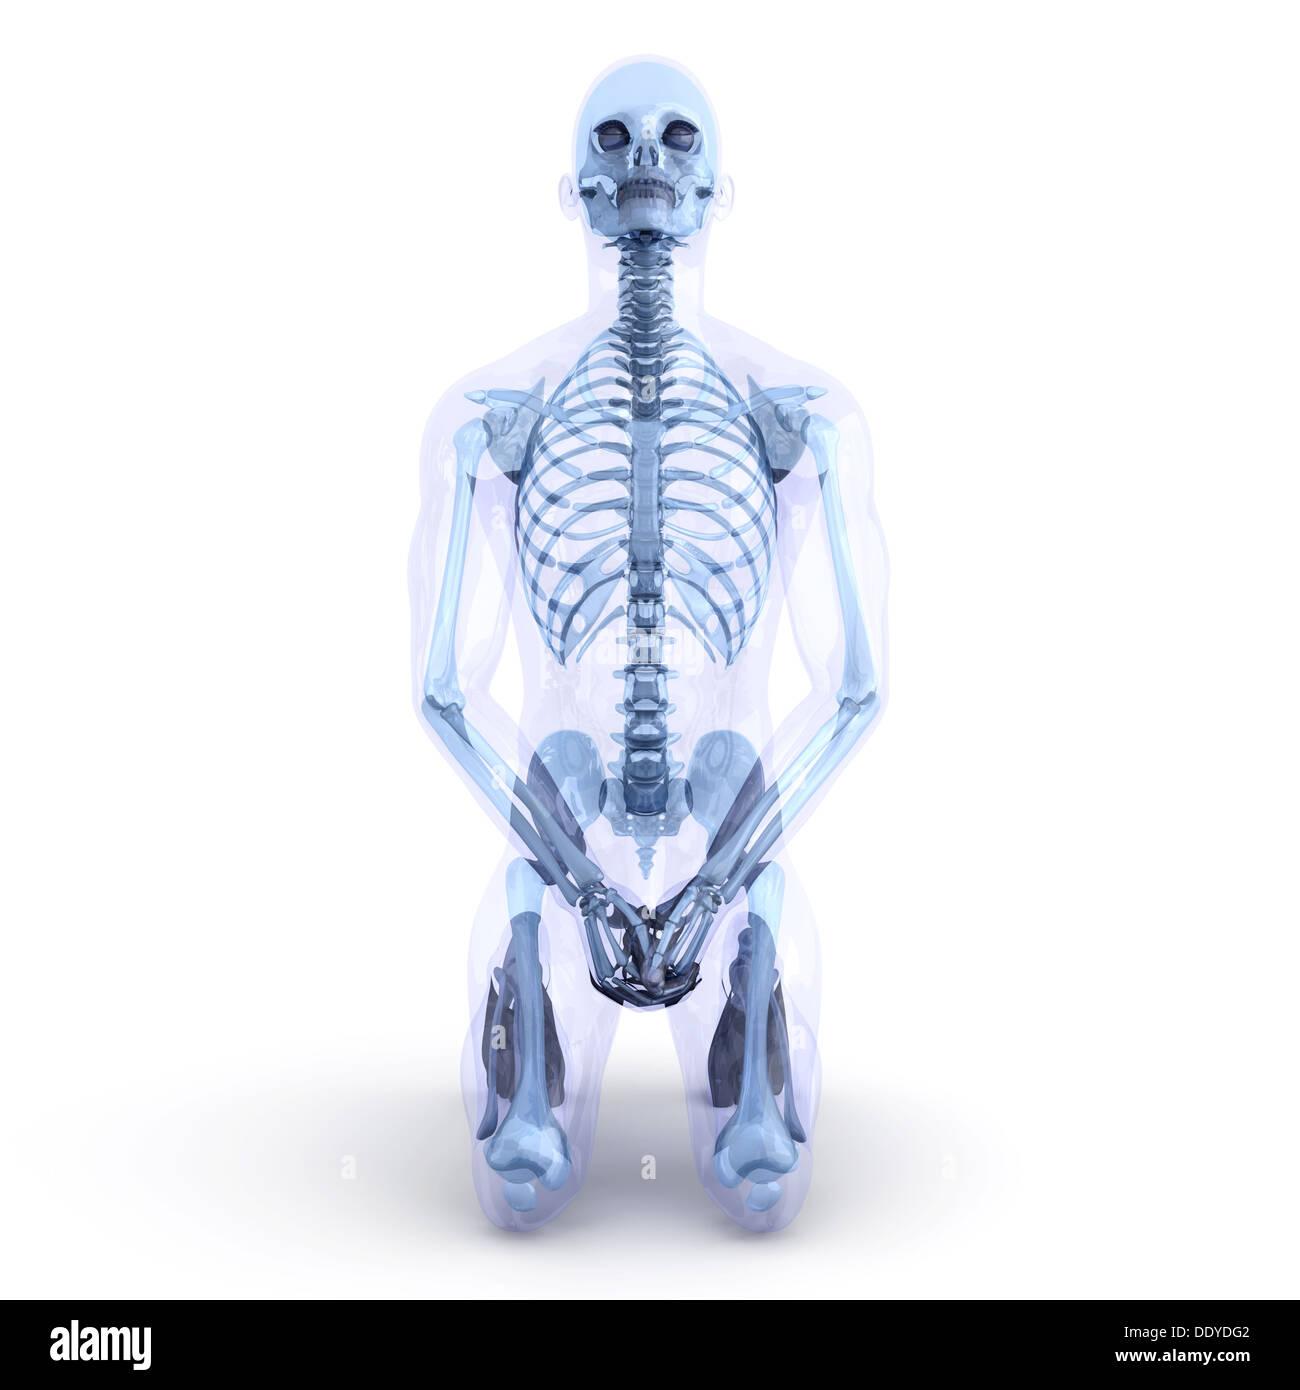 Fantastisch 3d Atlas Der Menschlichen Anatomie Fotos - Anatomie ...